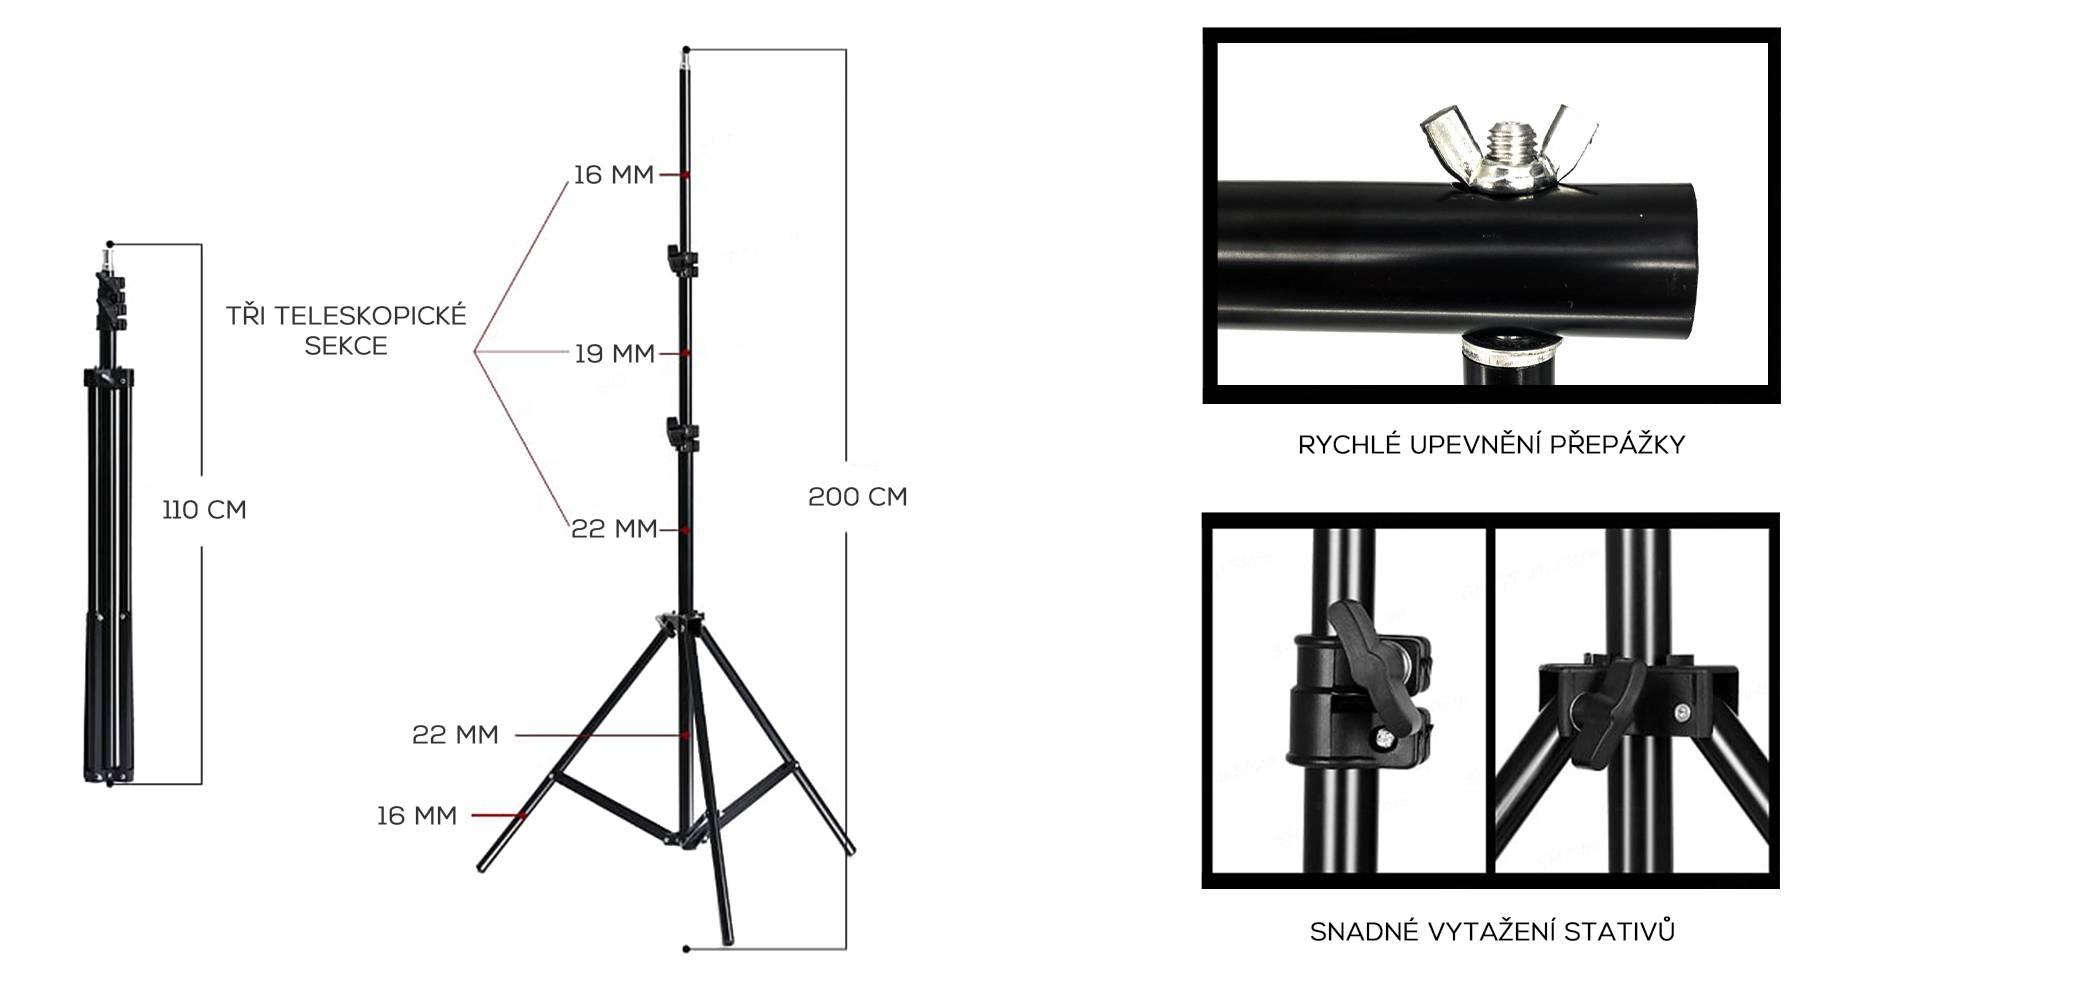 film-technika-konstrukce-pro-upevnění-foto-pozadí-low